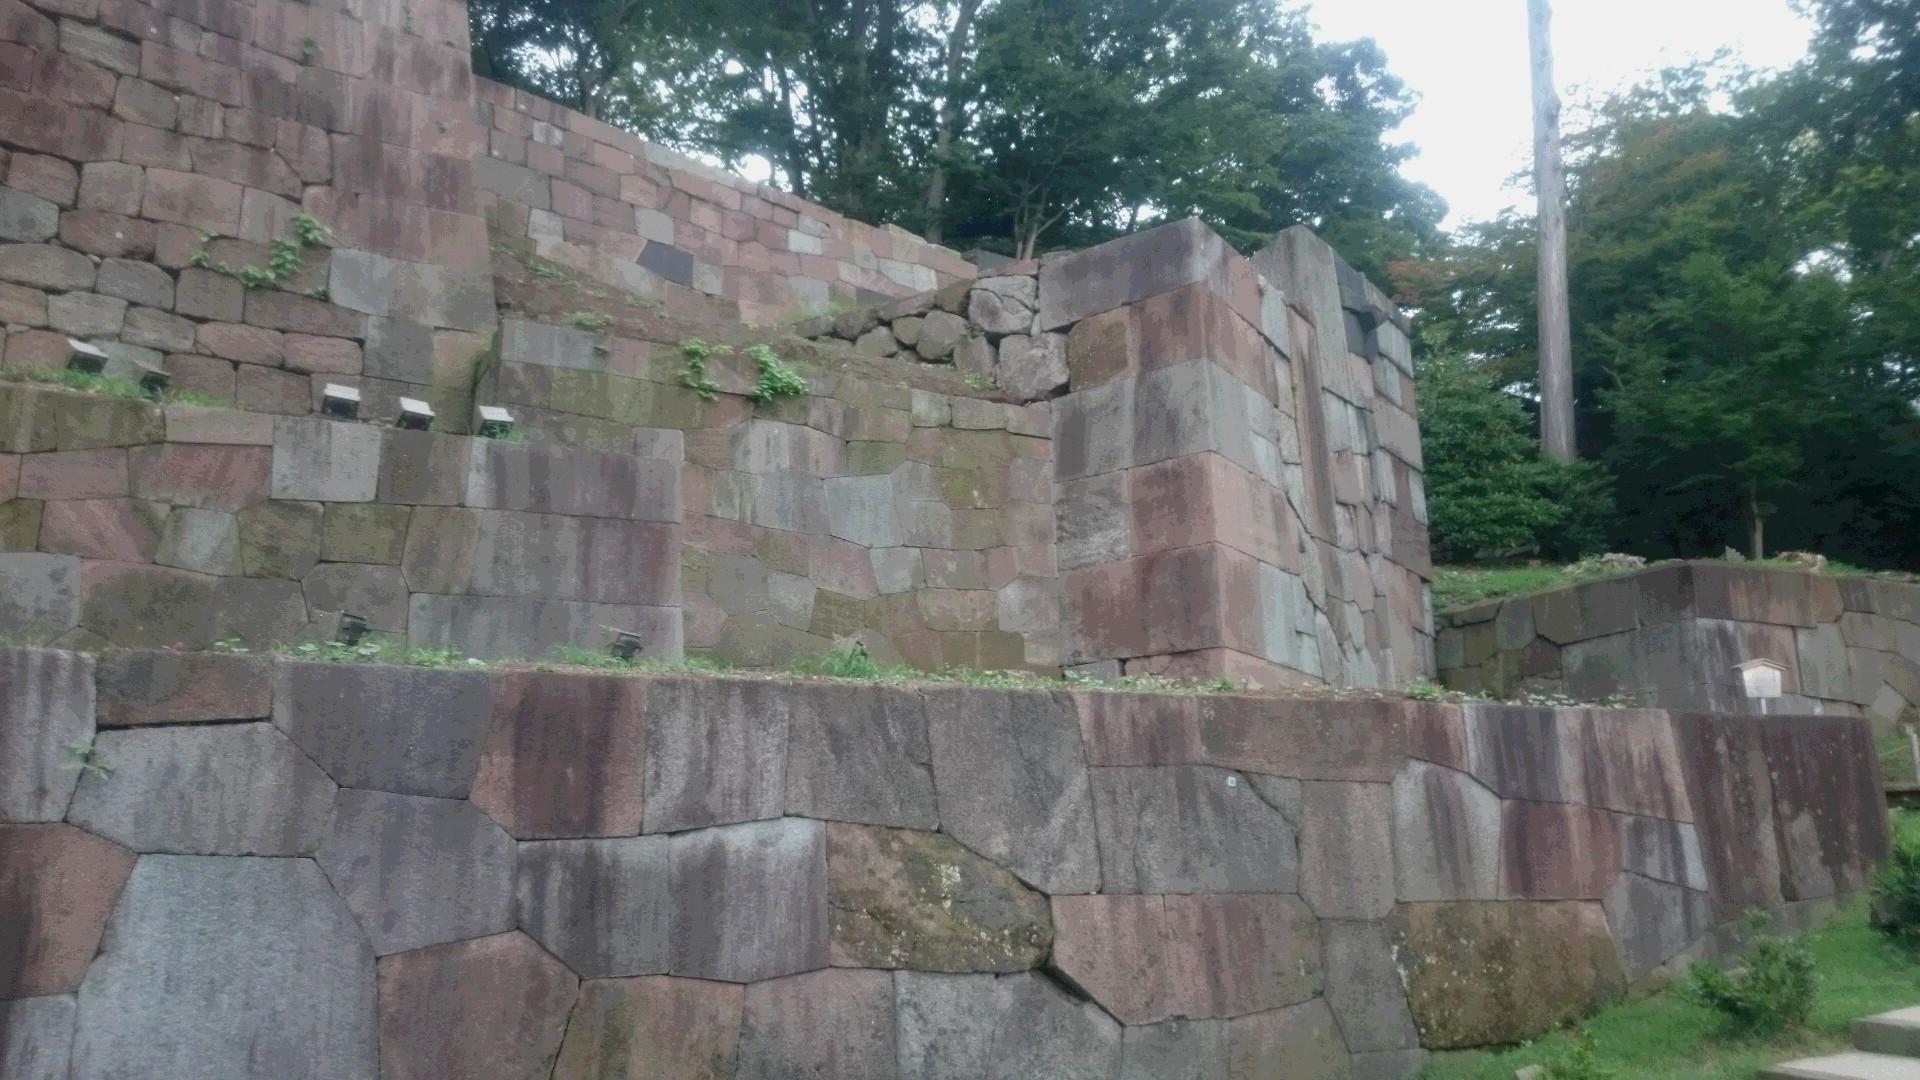 練馬区、中村橋・富士見台、サヤン鍼灸院・接骨院、金沢、玉泉院の石垣